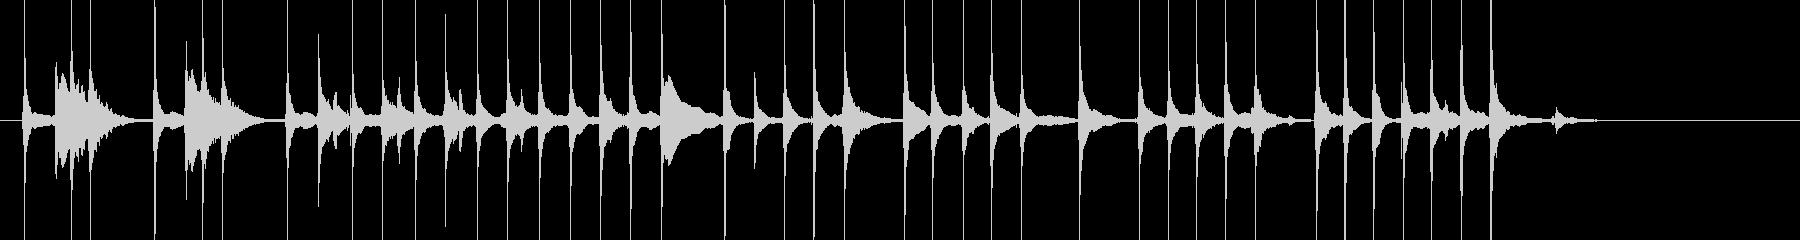 三味線25娘道成寺4日本式レビューショーの未再生の波形